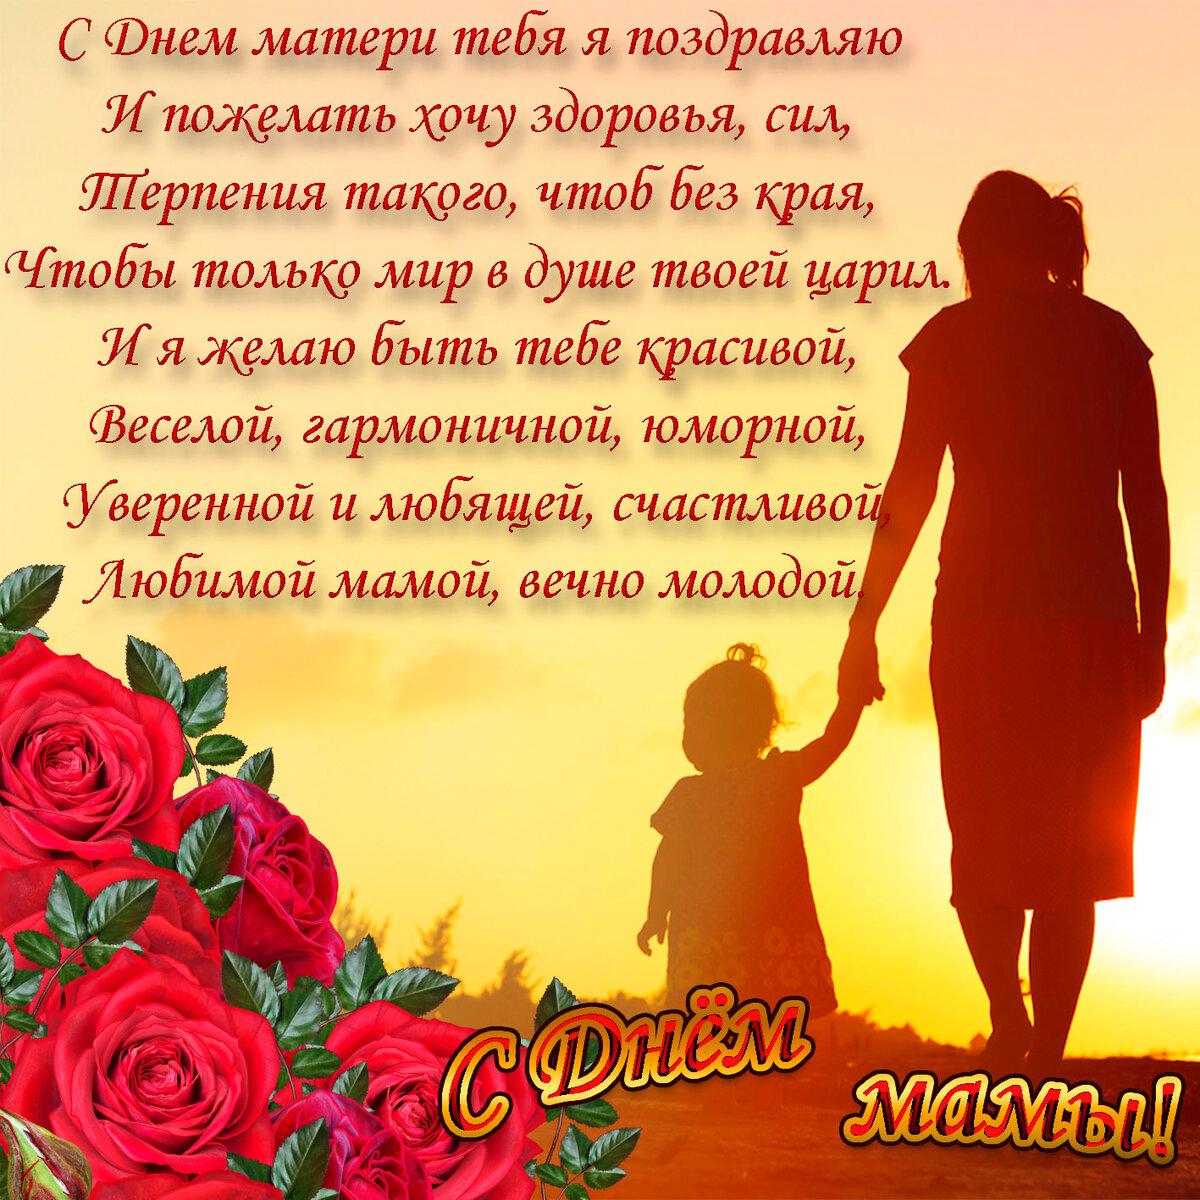 Поздравление маму и жену